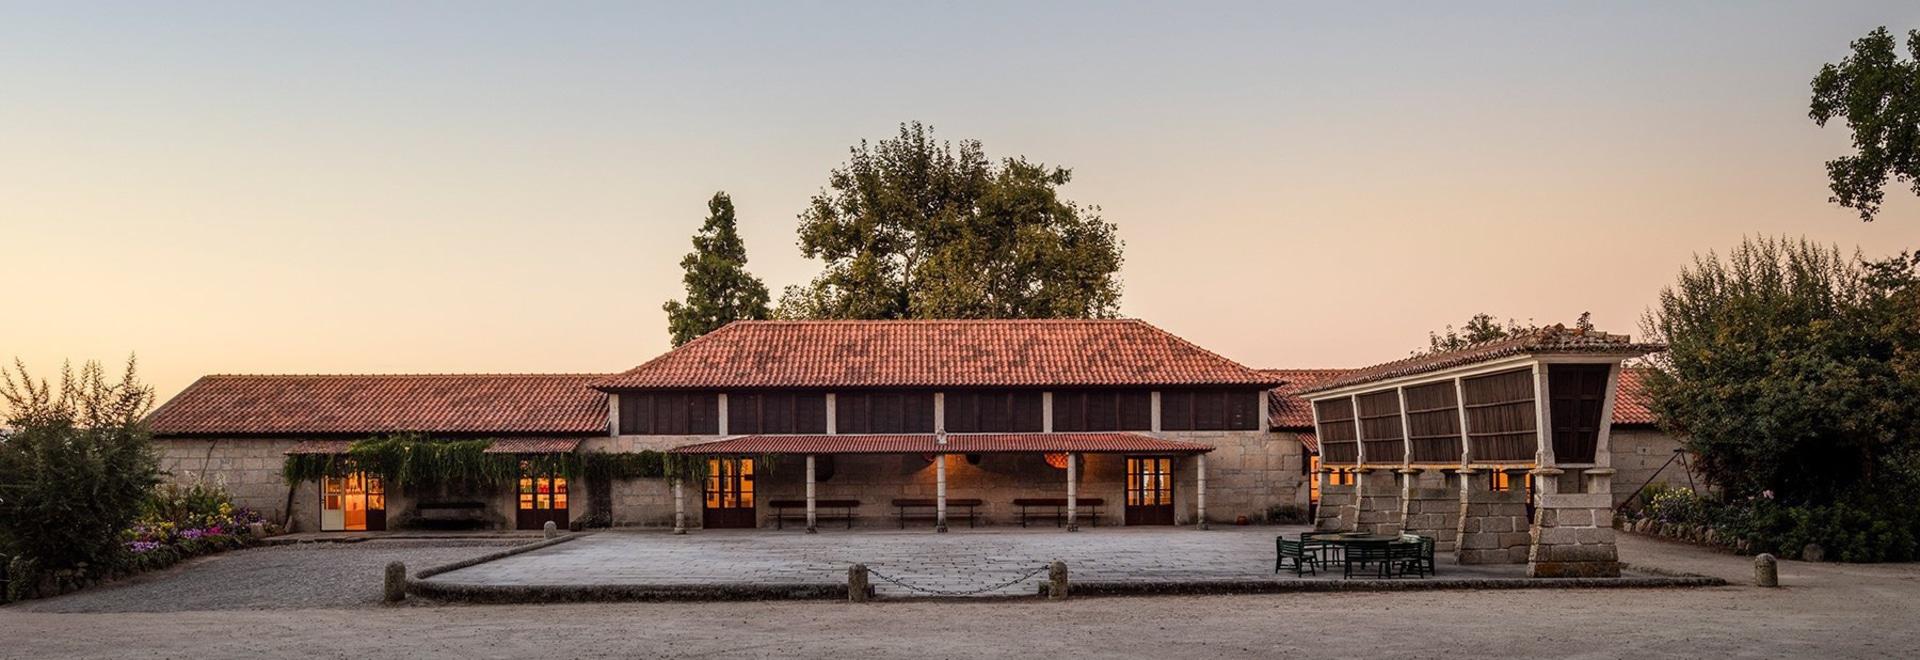 lo studio aguiar di Diogo converte il granaio in disuso in cantina nel Portogallo del Nord pastorale